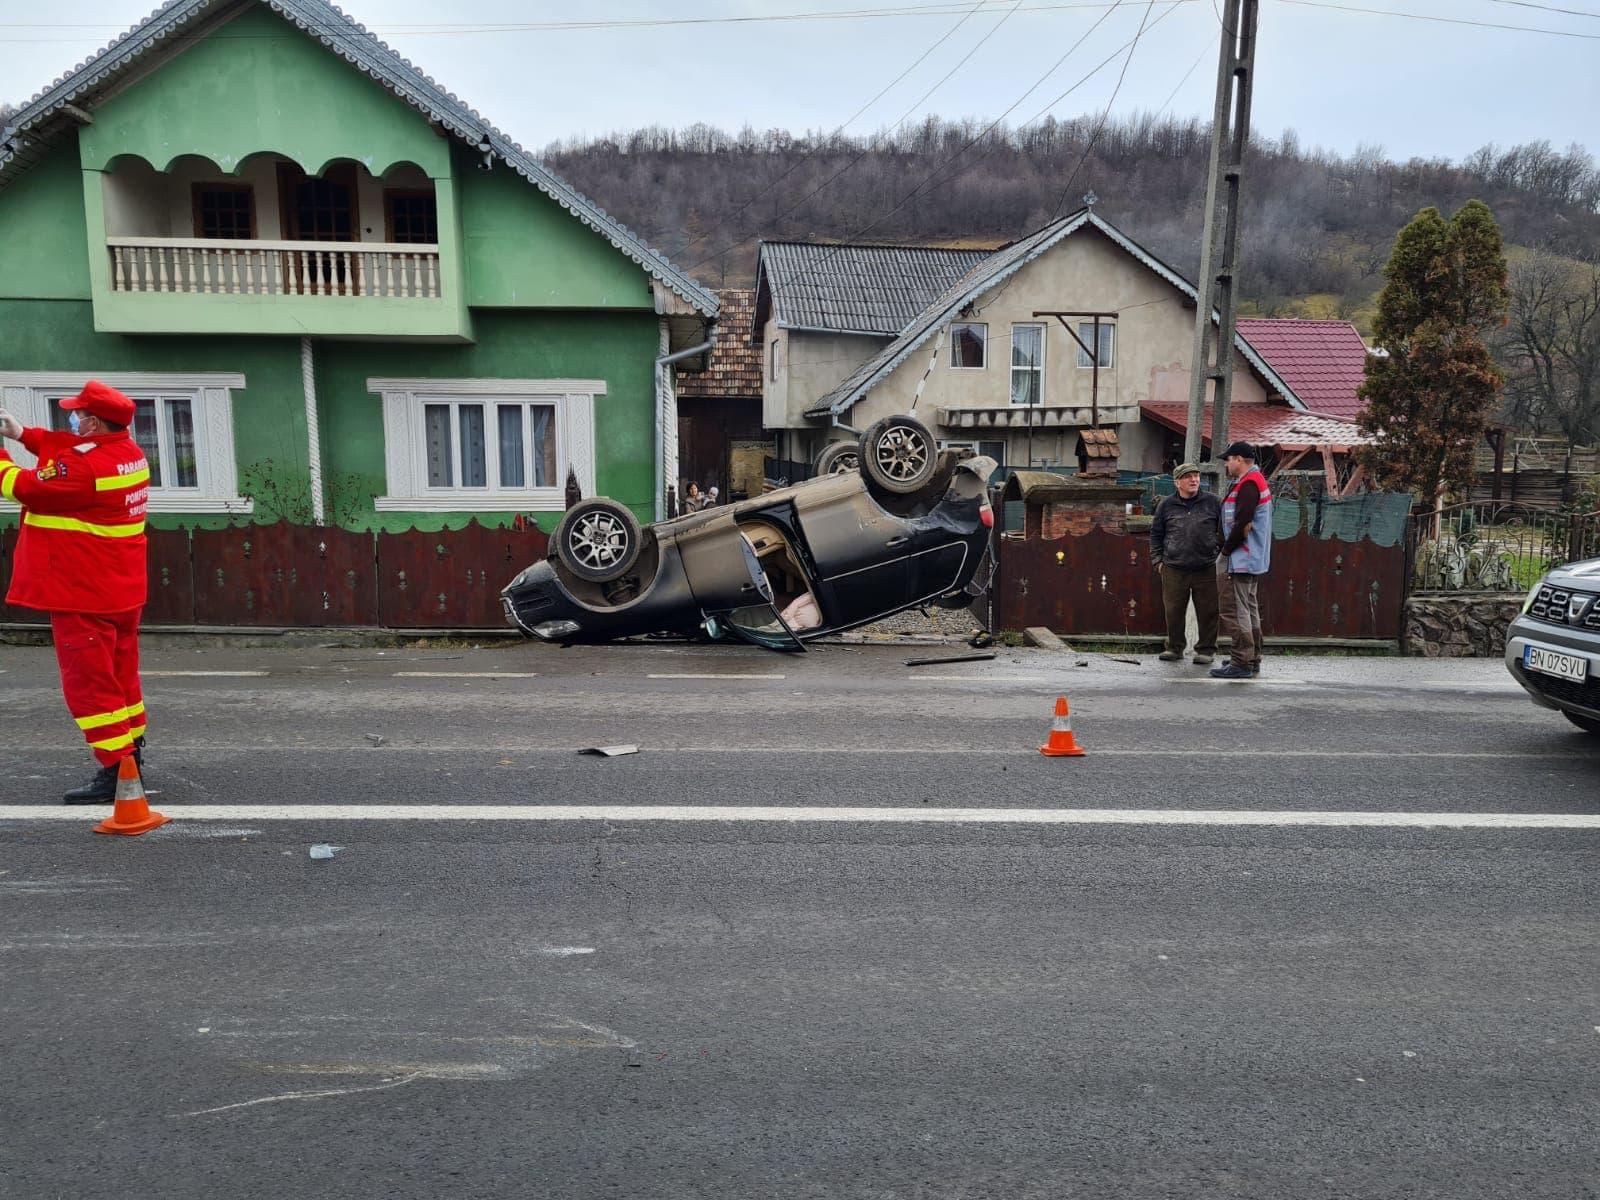 FOTO- Accident pe DN 17: A făcut praf două mașini, una ajungând cu roțile-n sus